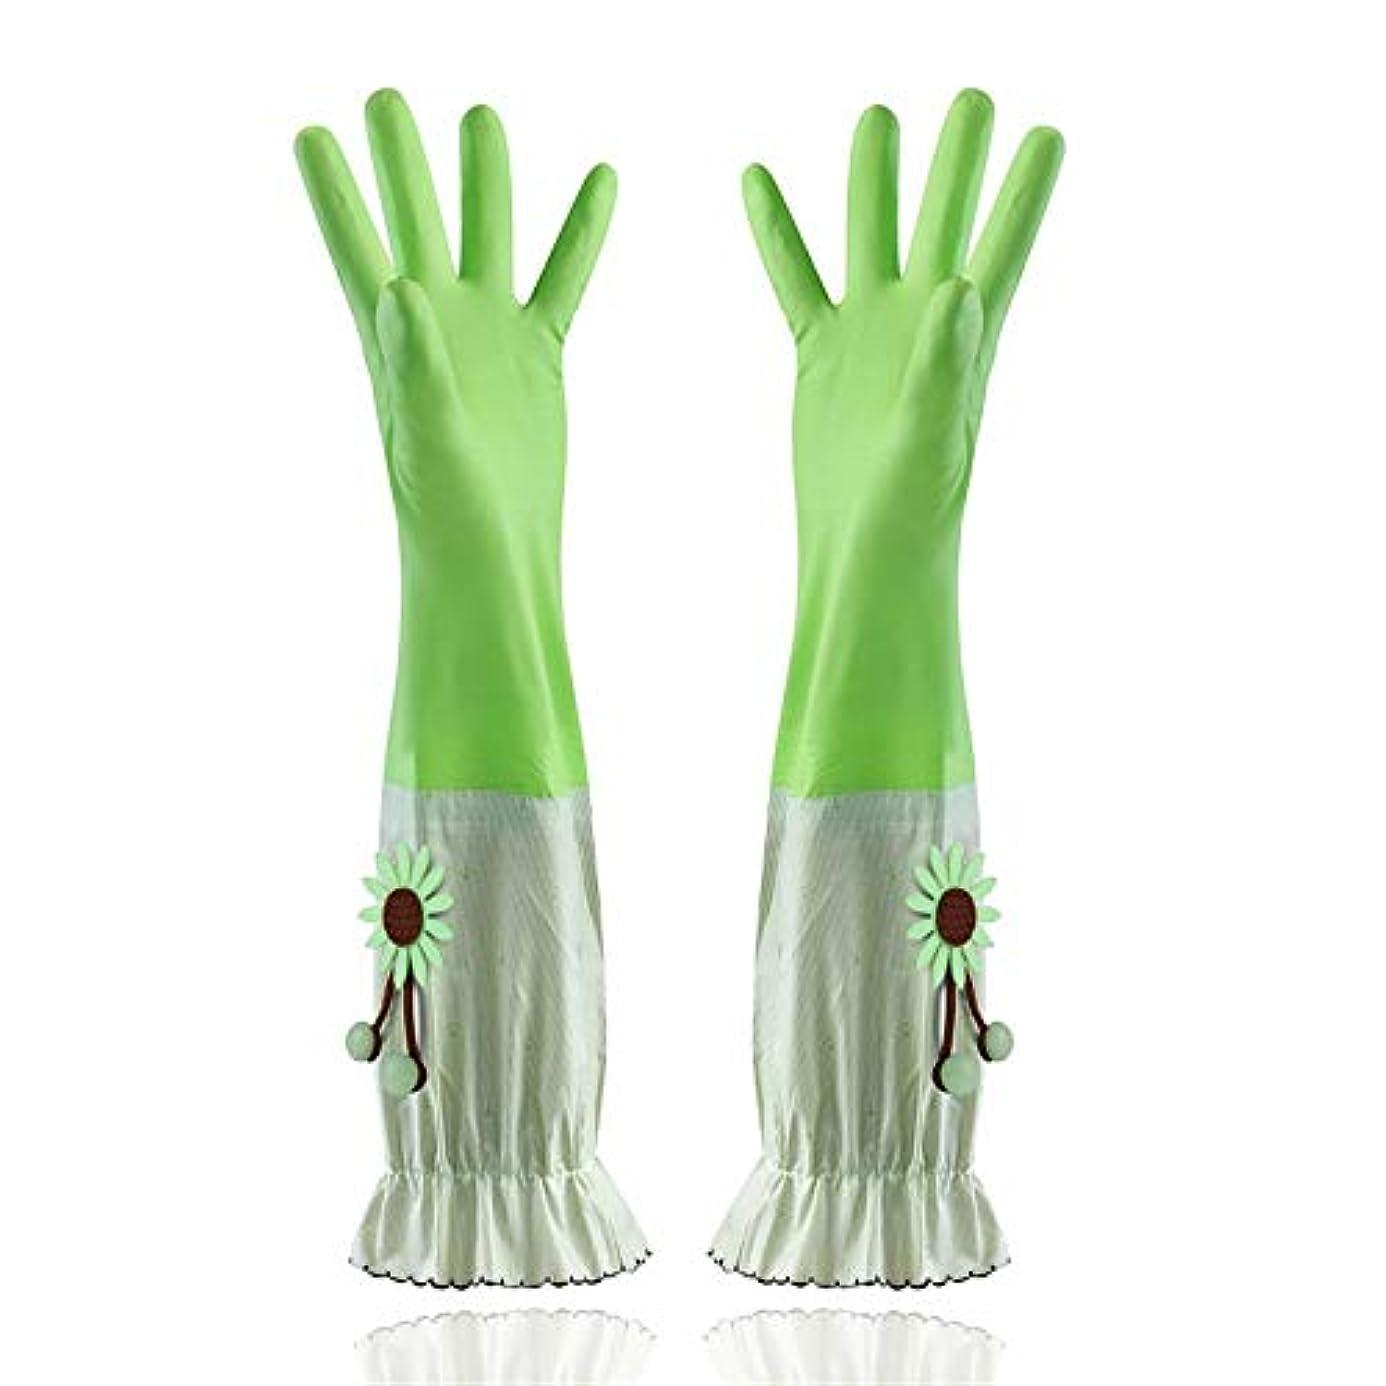 常習者従事するクックニトリルゴム手袋 家庭用手袋防水性と耐久性のあるラテックス厚手PVC手袋 使い捨て手袋 (Color : Green, Size : L)